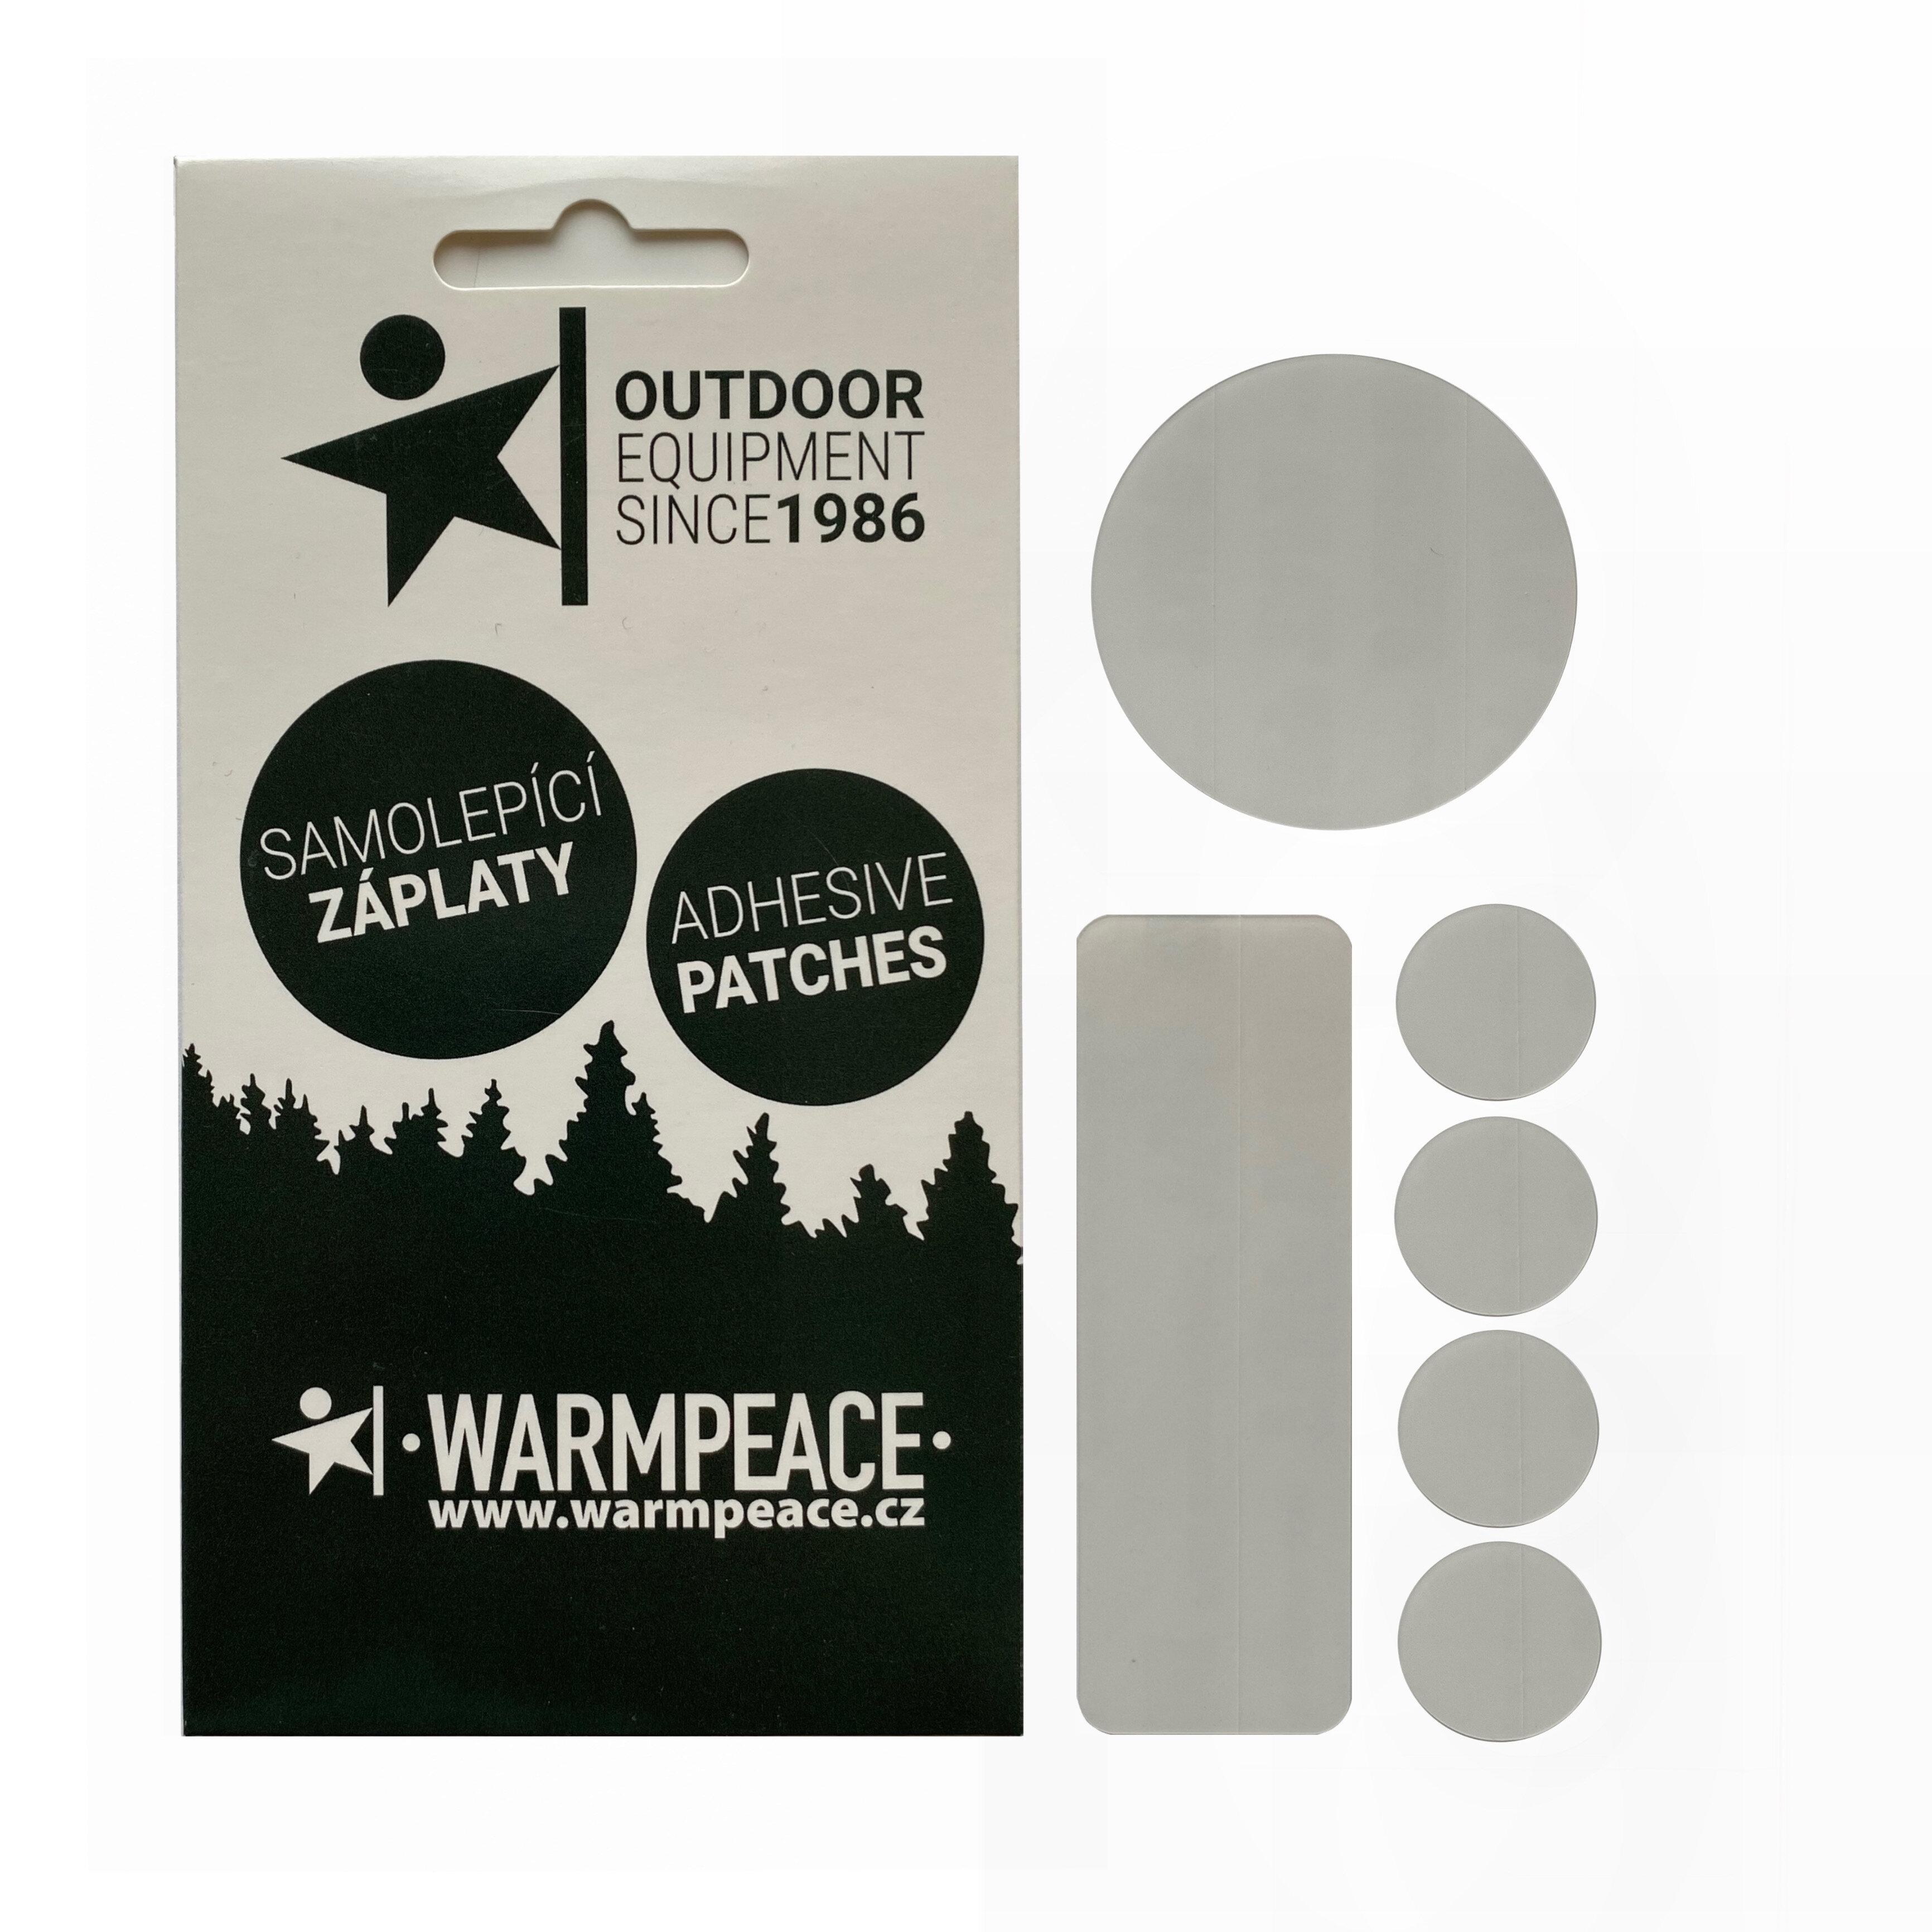 Warmpeace Rep sett